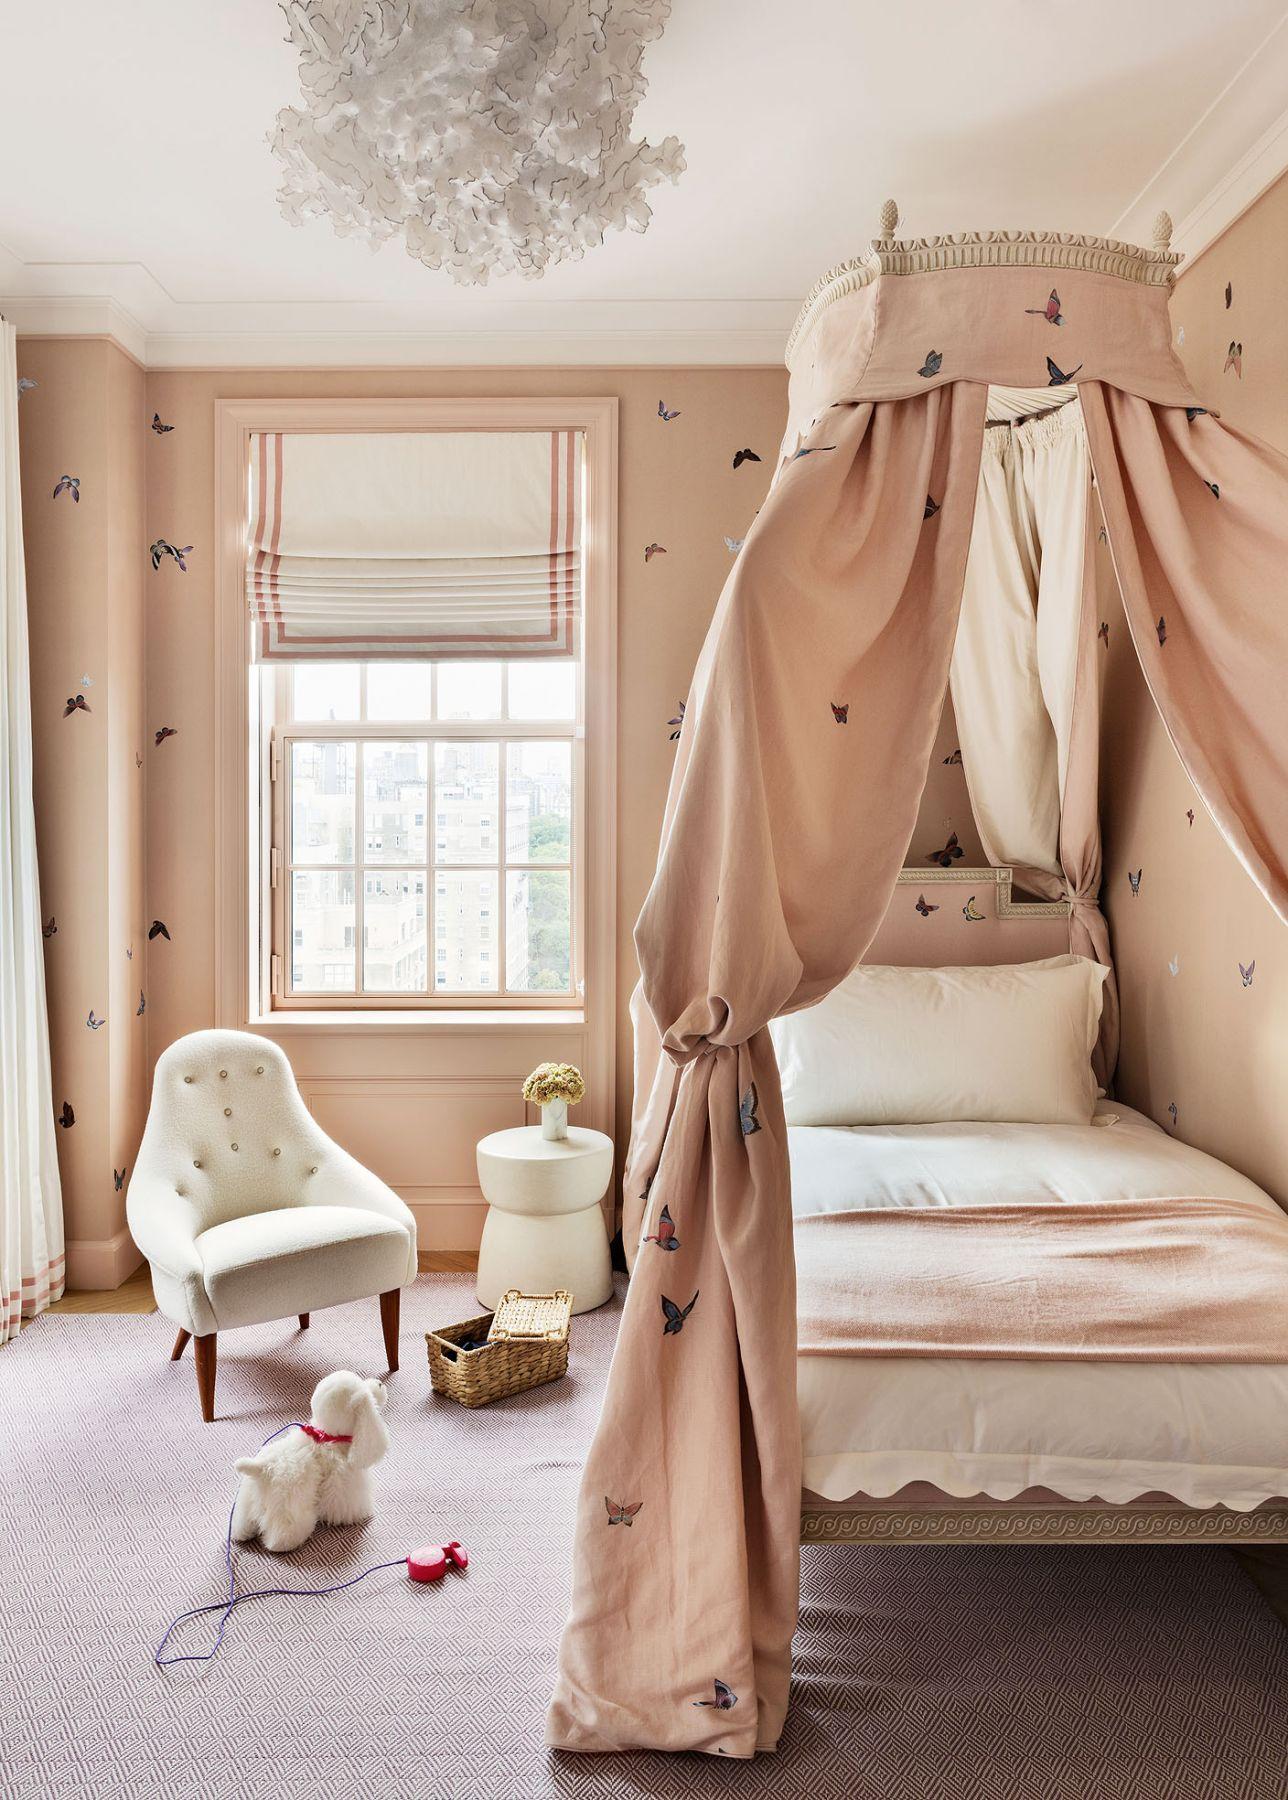 Ryan's Bedroom